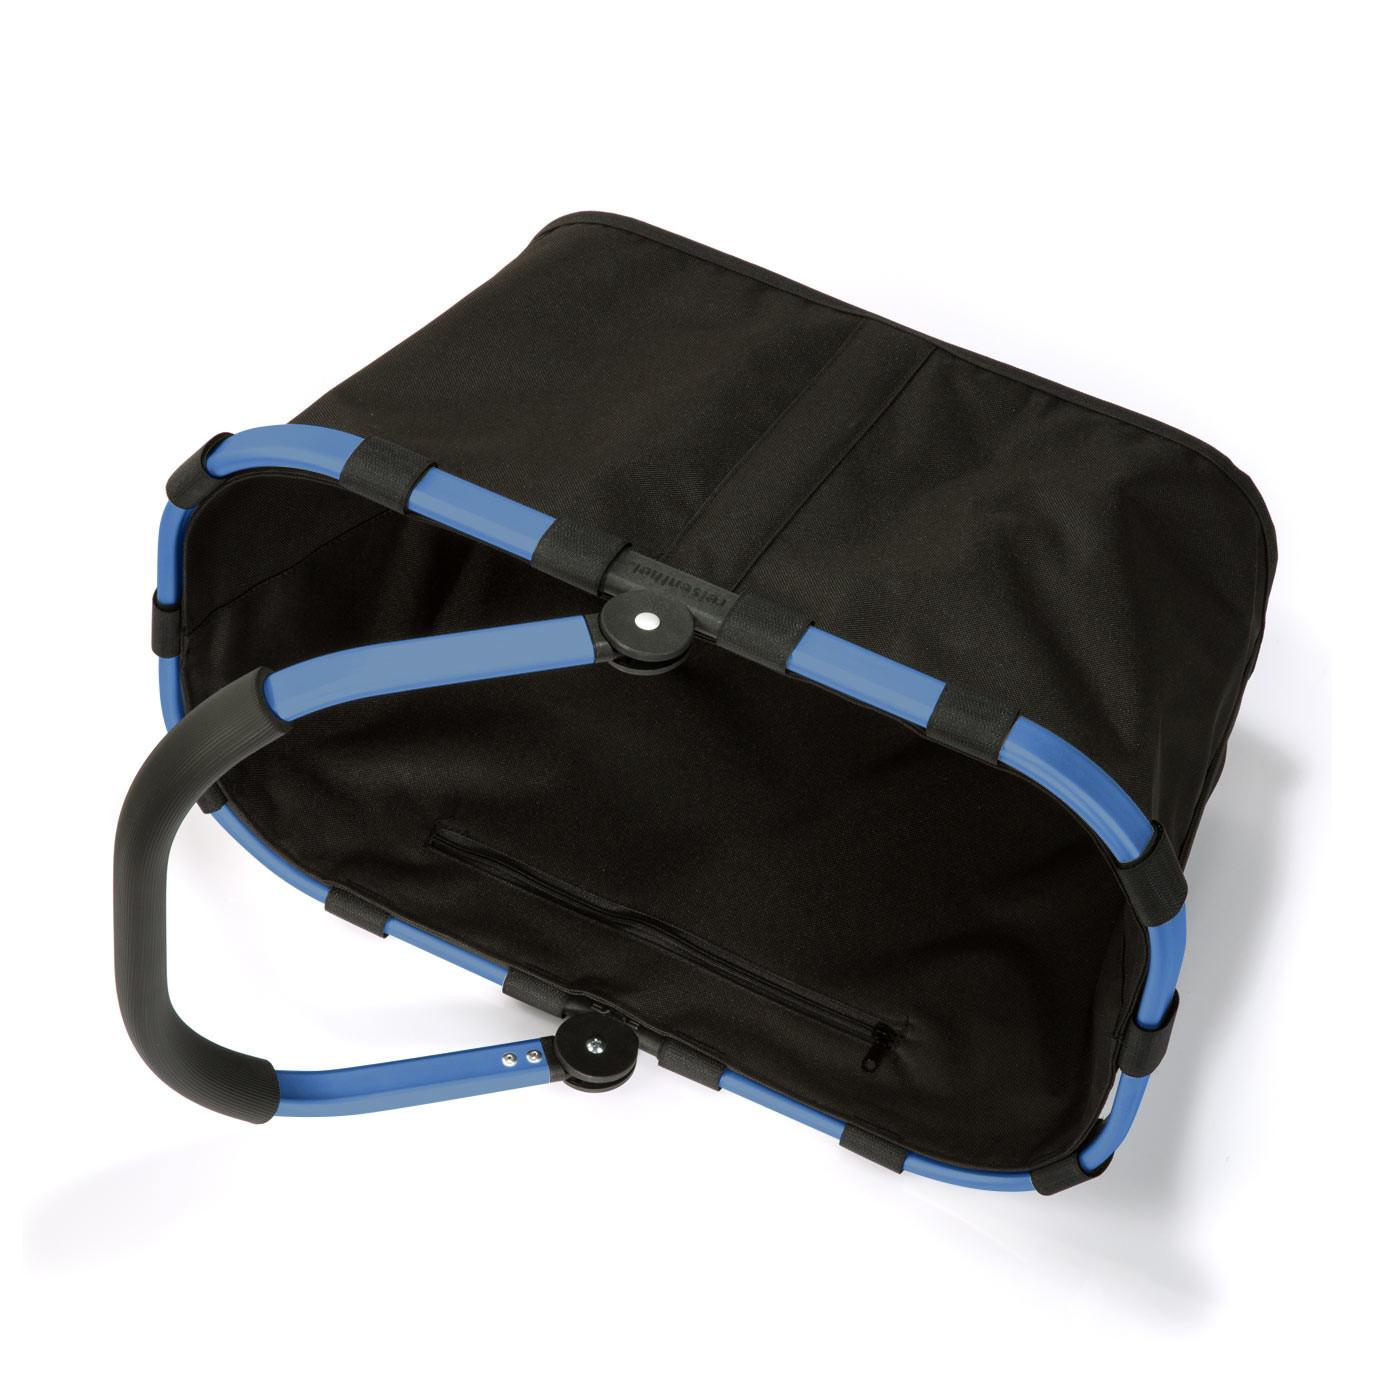 reisenthel carrybag Einkaufskorb 22l - Schwarz mit blauem Rahmen